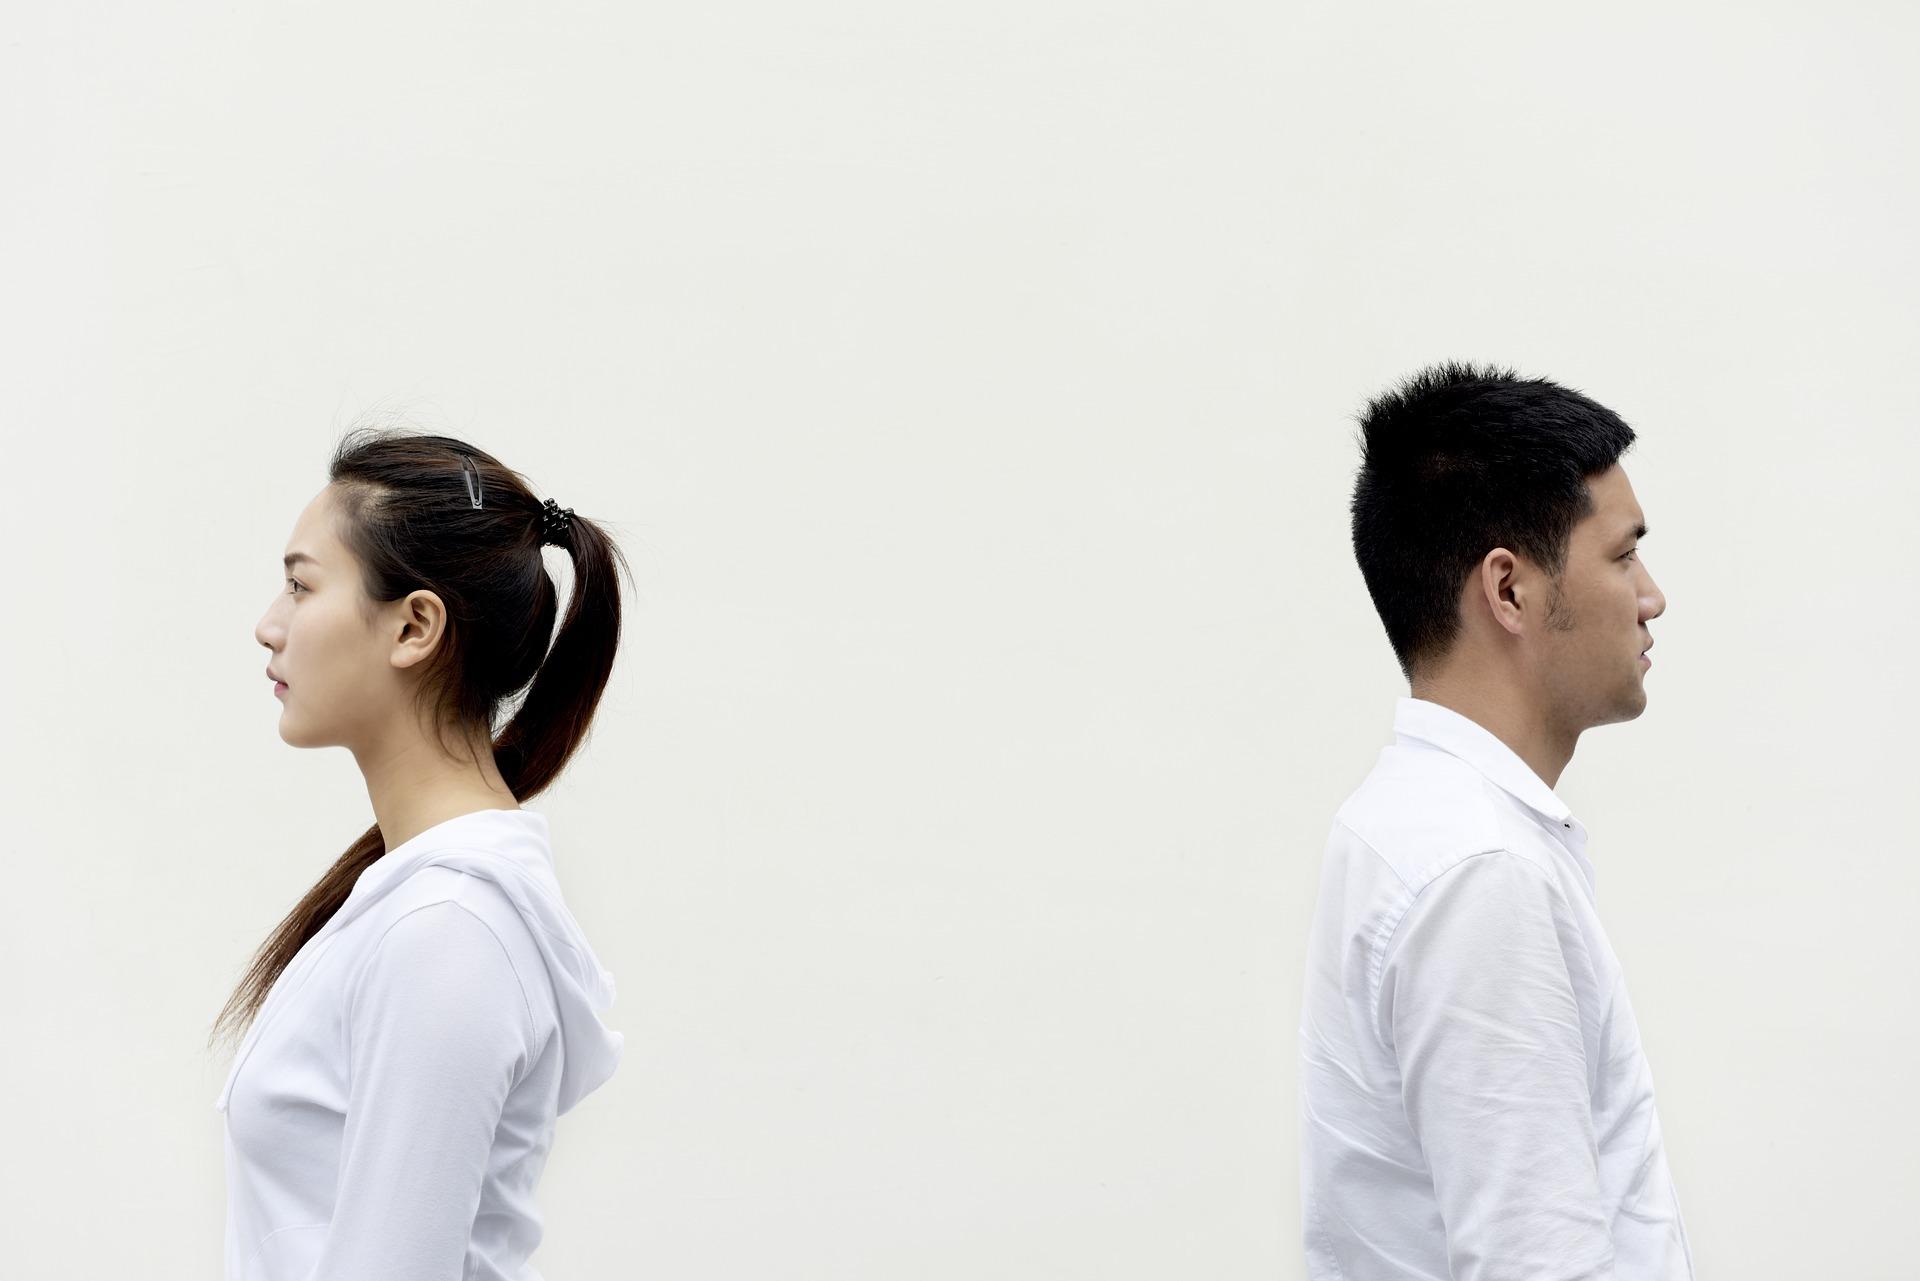 Sciatica-Lower Back Pain